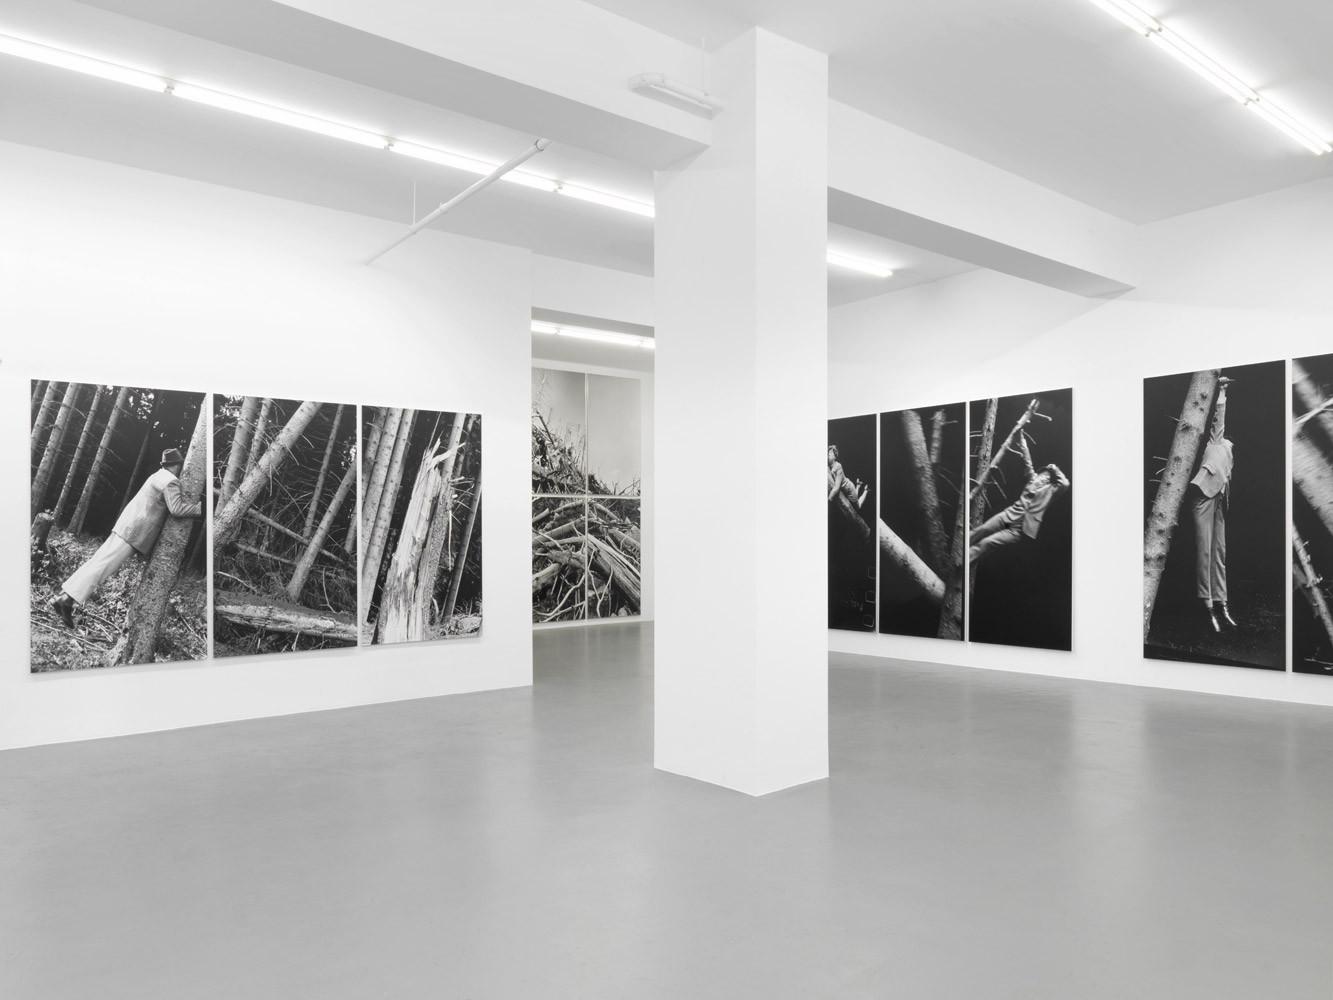 Anna & Bernhard Blume, 'Im Wald', Installation view, Buchmann Galerie, 2014